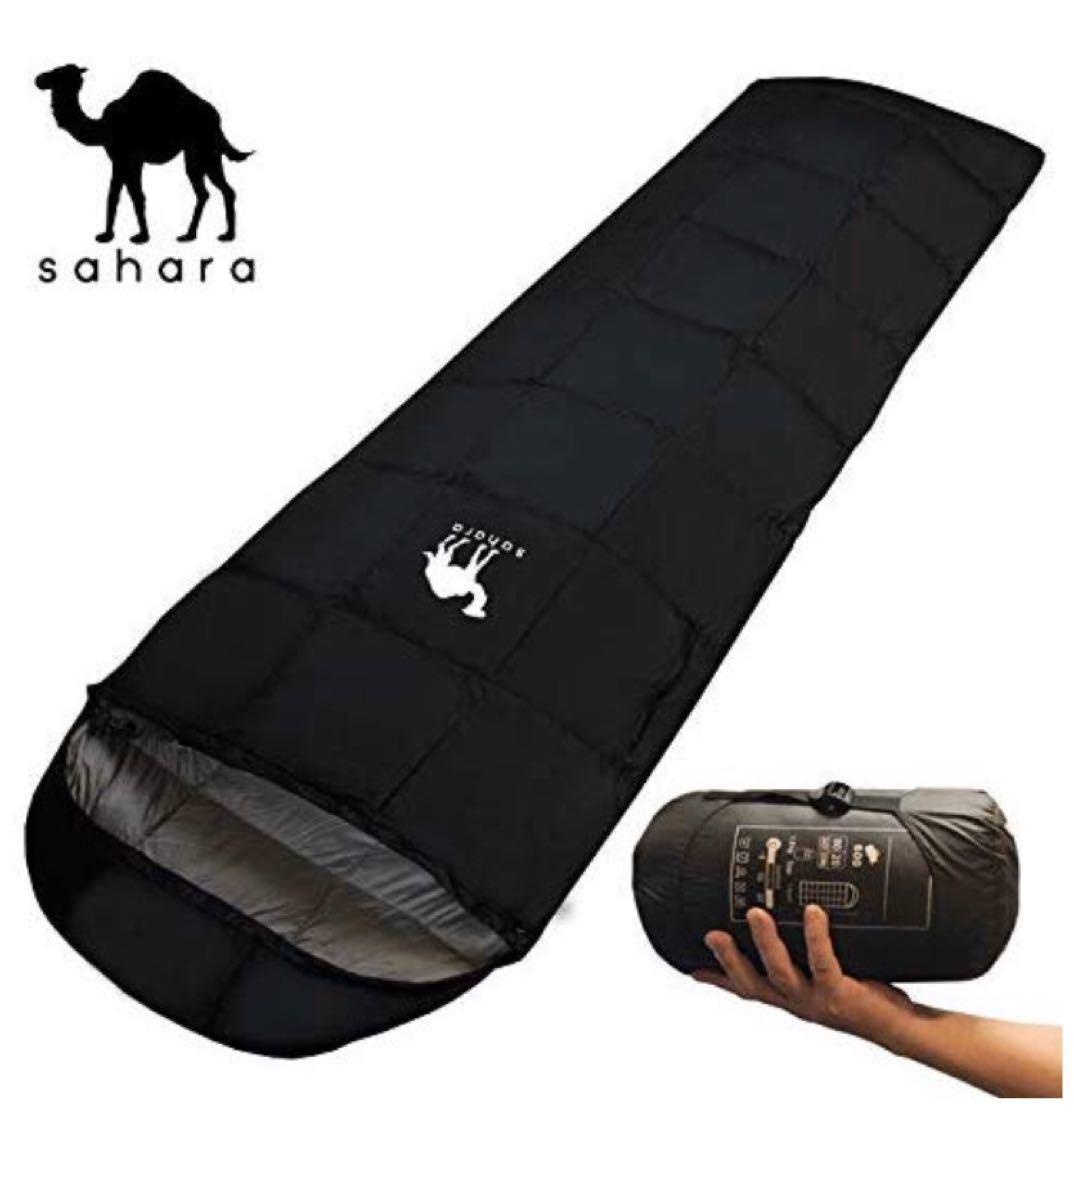 寝袋シュラフ 封筒型シュラフ ダウン 軽量 寝袋